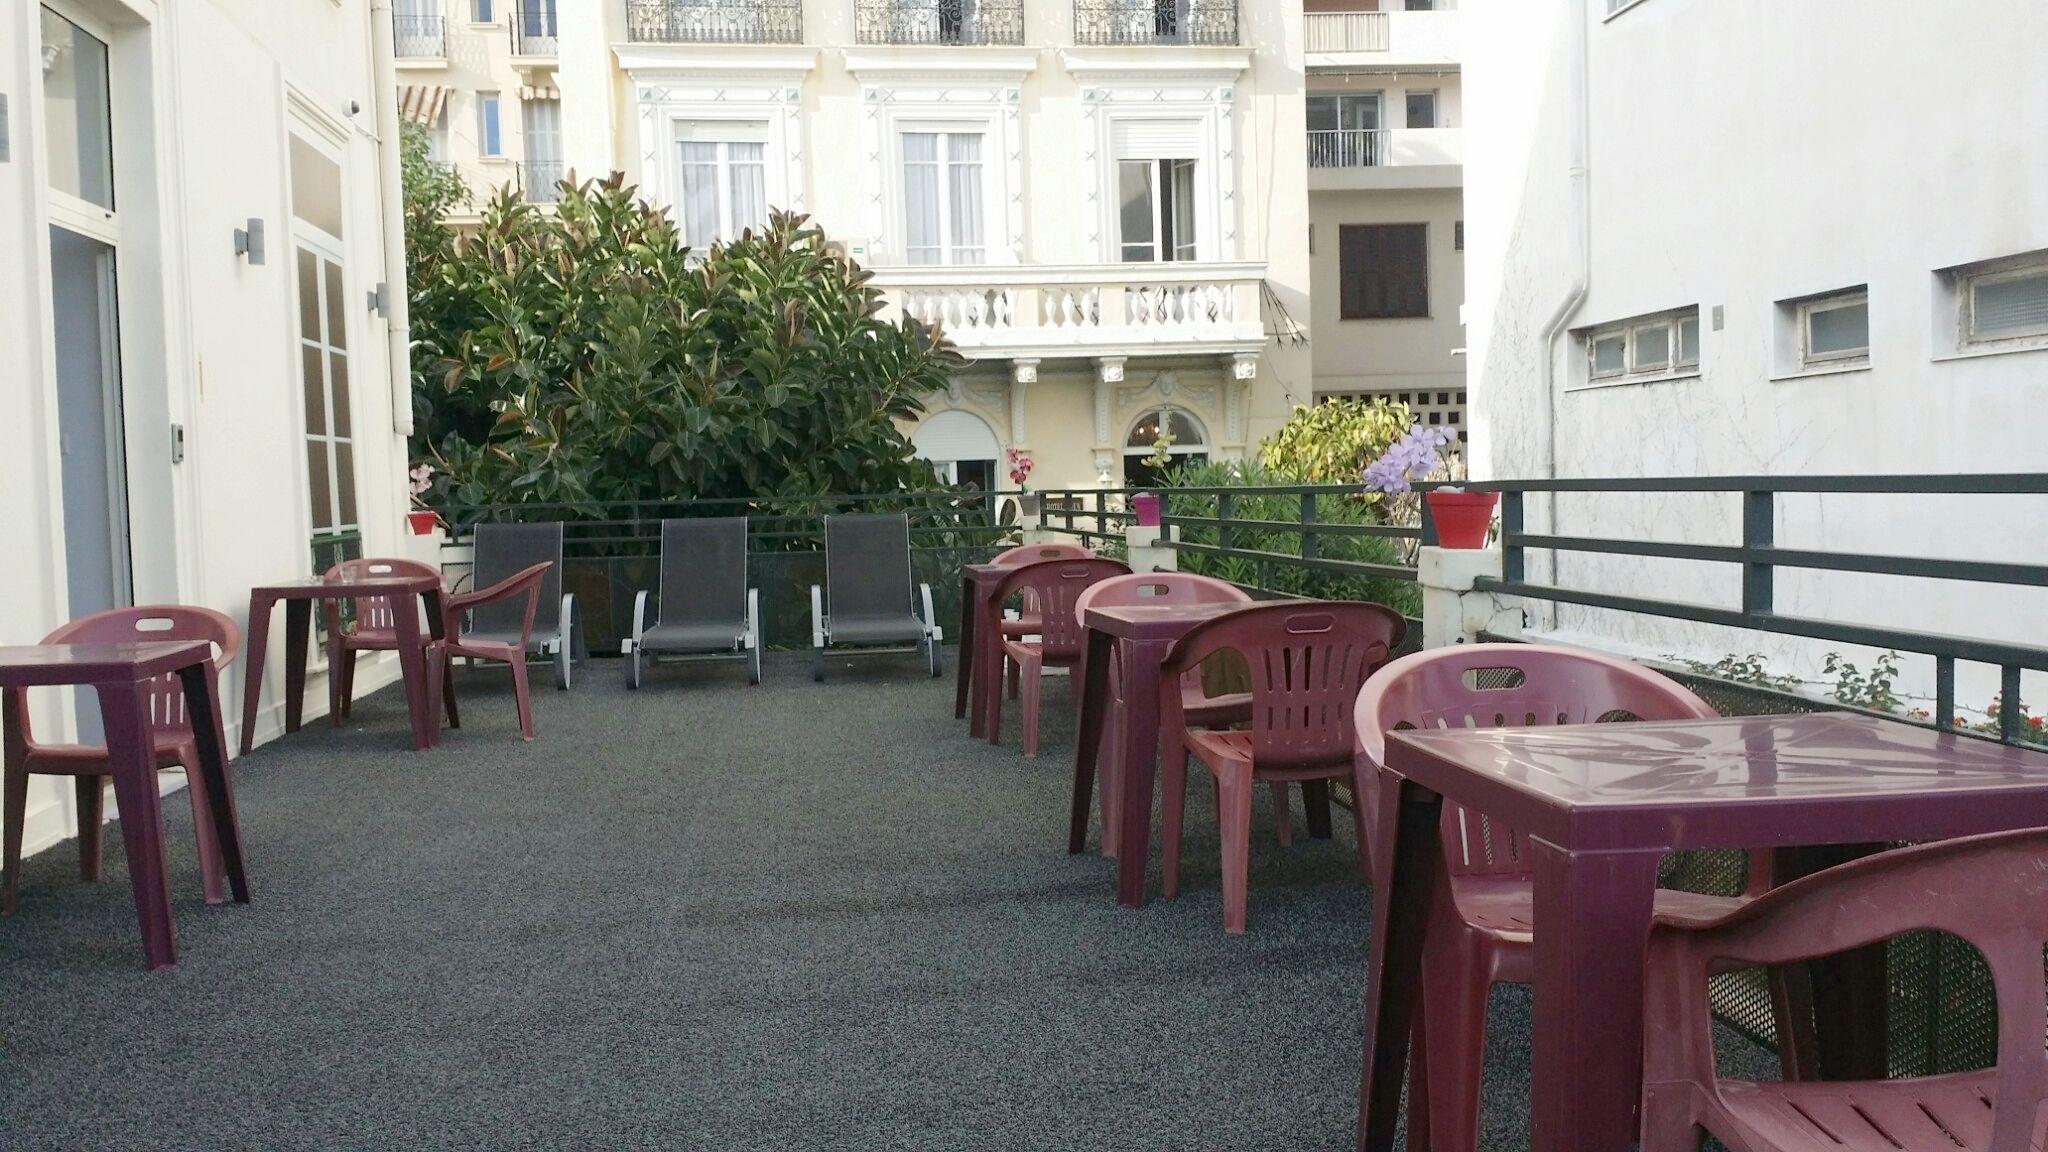 Courtesy of Flots D'Azur / Expedia.com